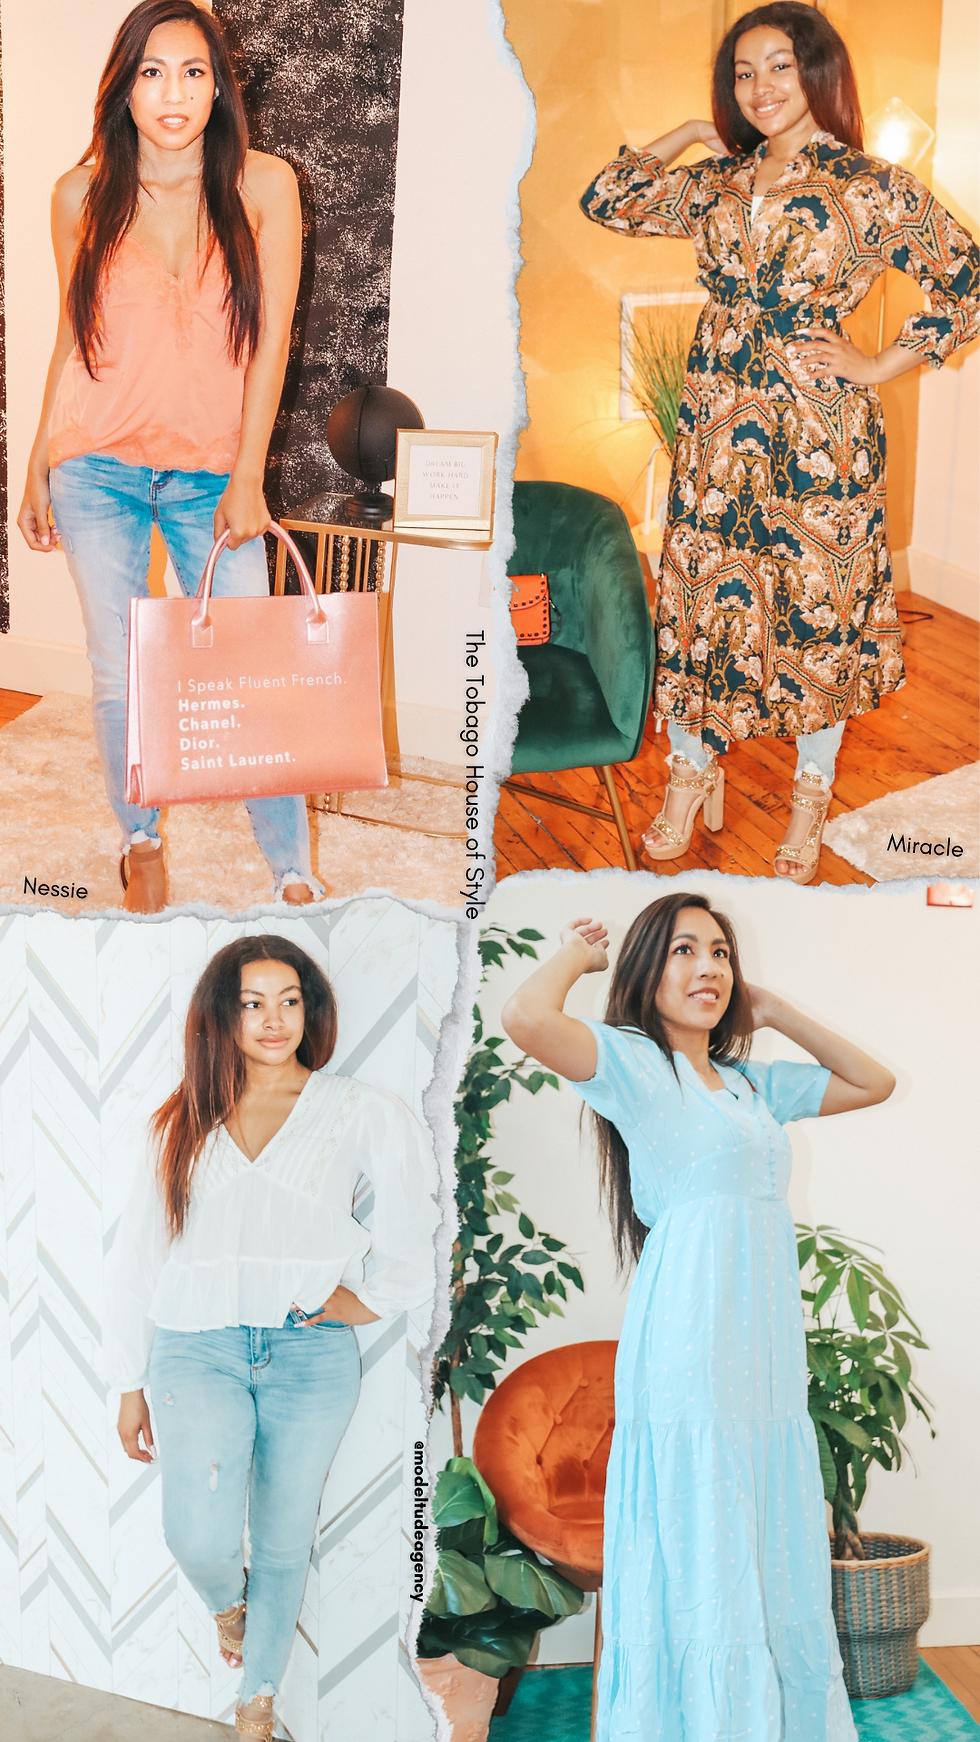 The Tobago House of Style Photoshoot 21' Modeltude Agency Photoshoot Models